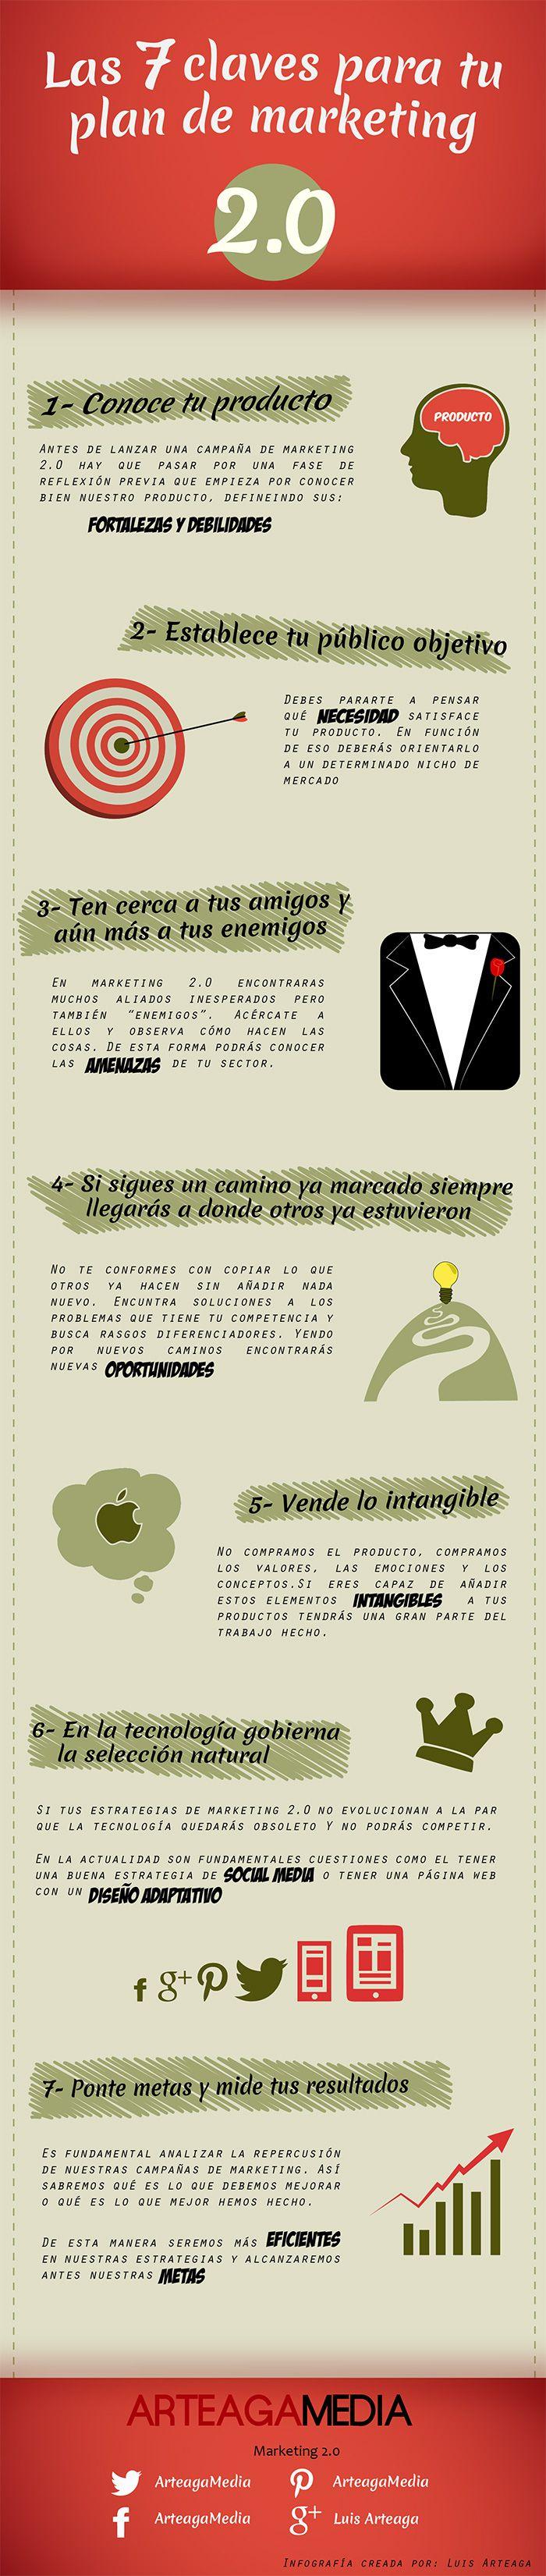 7 claves para tu plan de marketing 2.0 #infografia #infographic #marketing #socialmedia